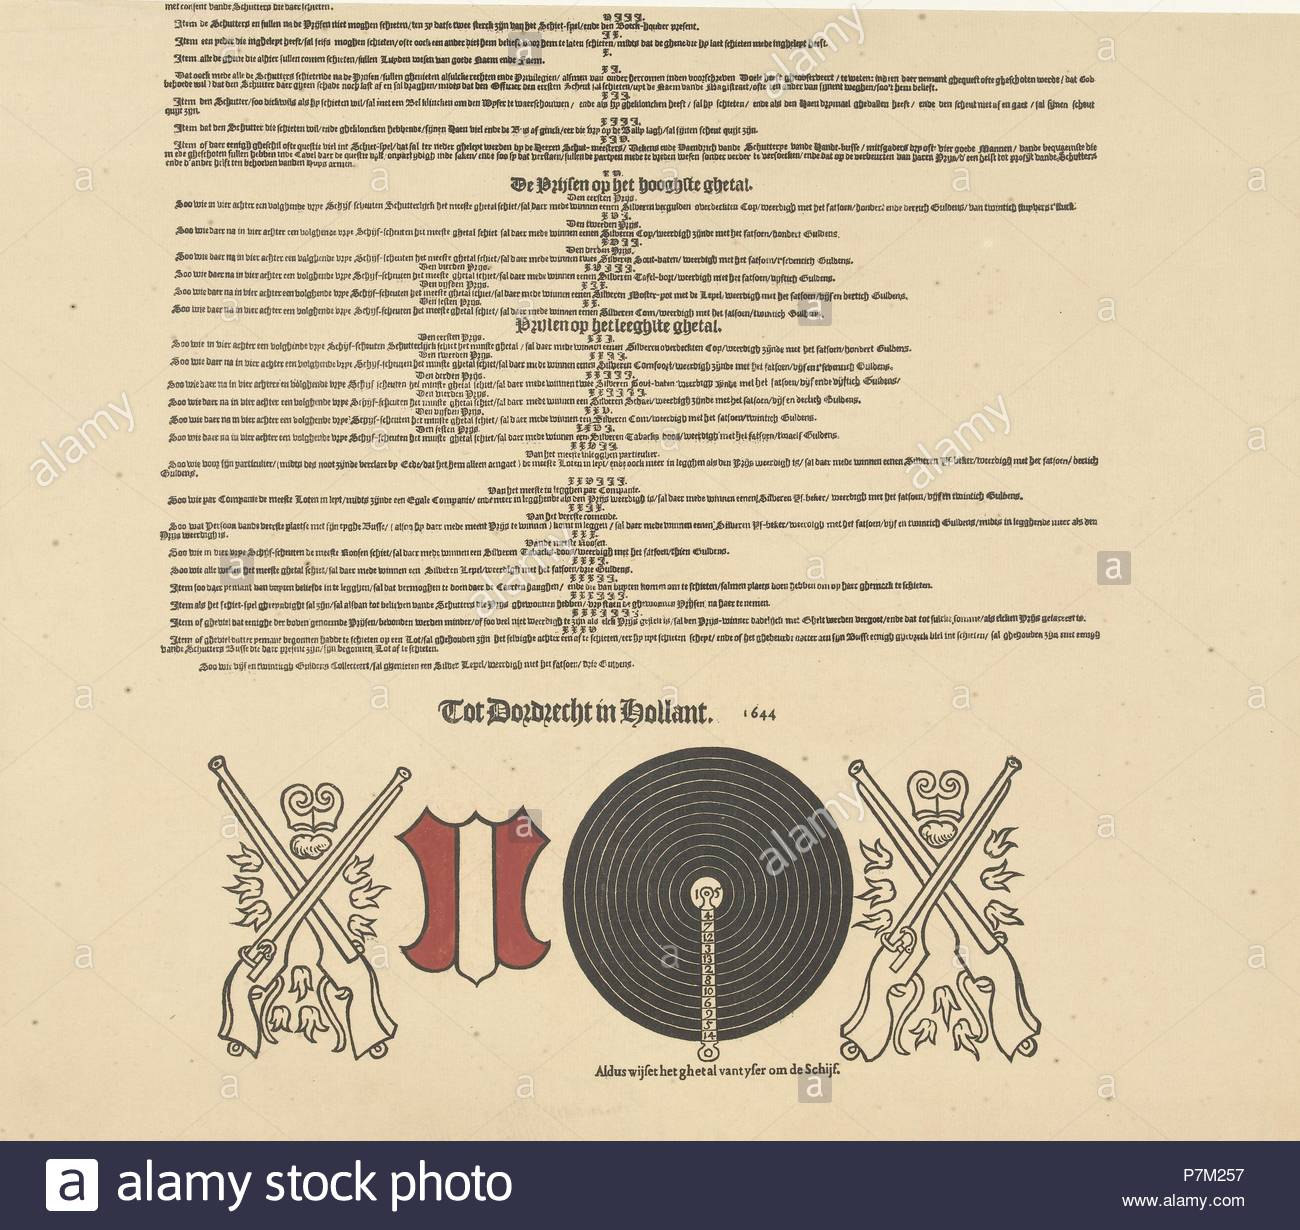 Registro chiamate per il tiro al bersaglio e lotteria in Kloveniersdoelen Dordrecht nel 1644 (metà inferiore), anonimo, 1800 - 1899. Immagini Stock